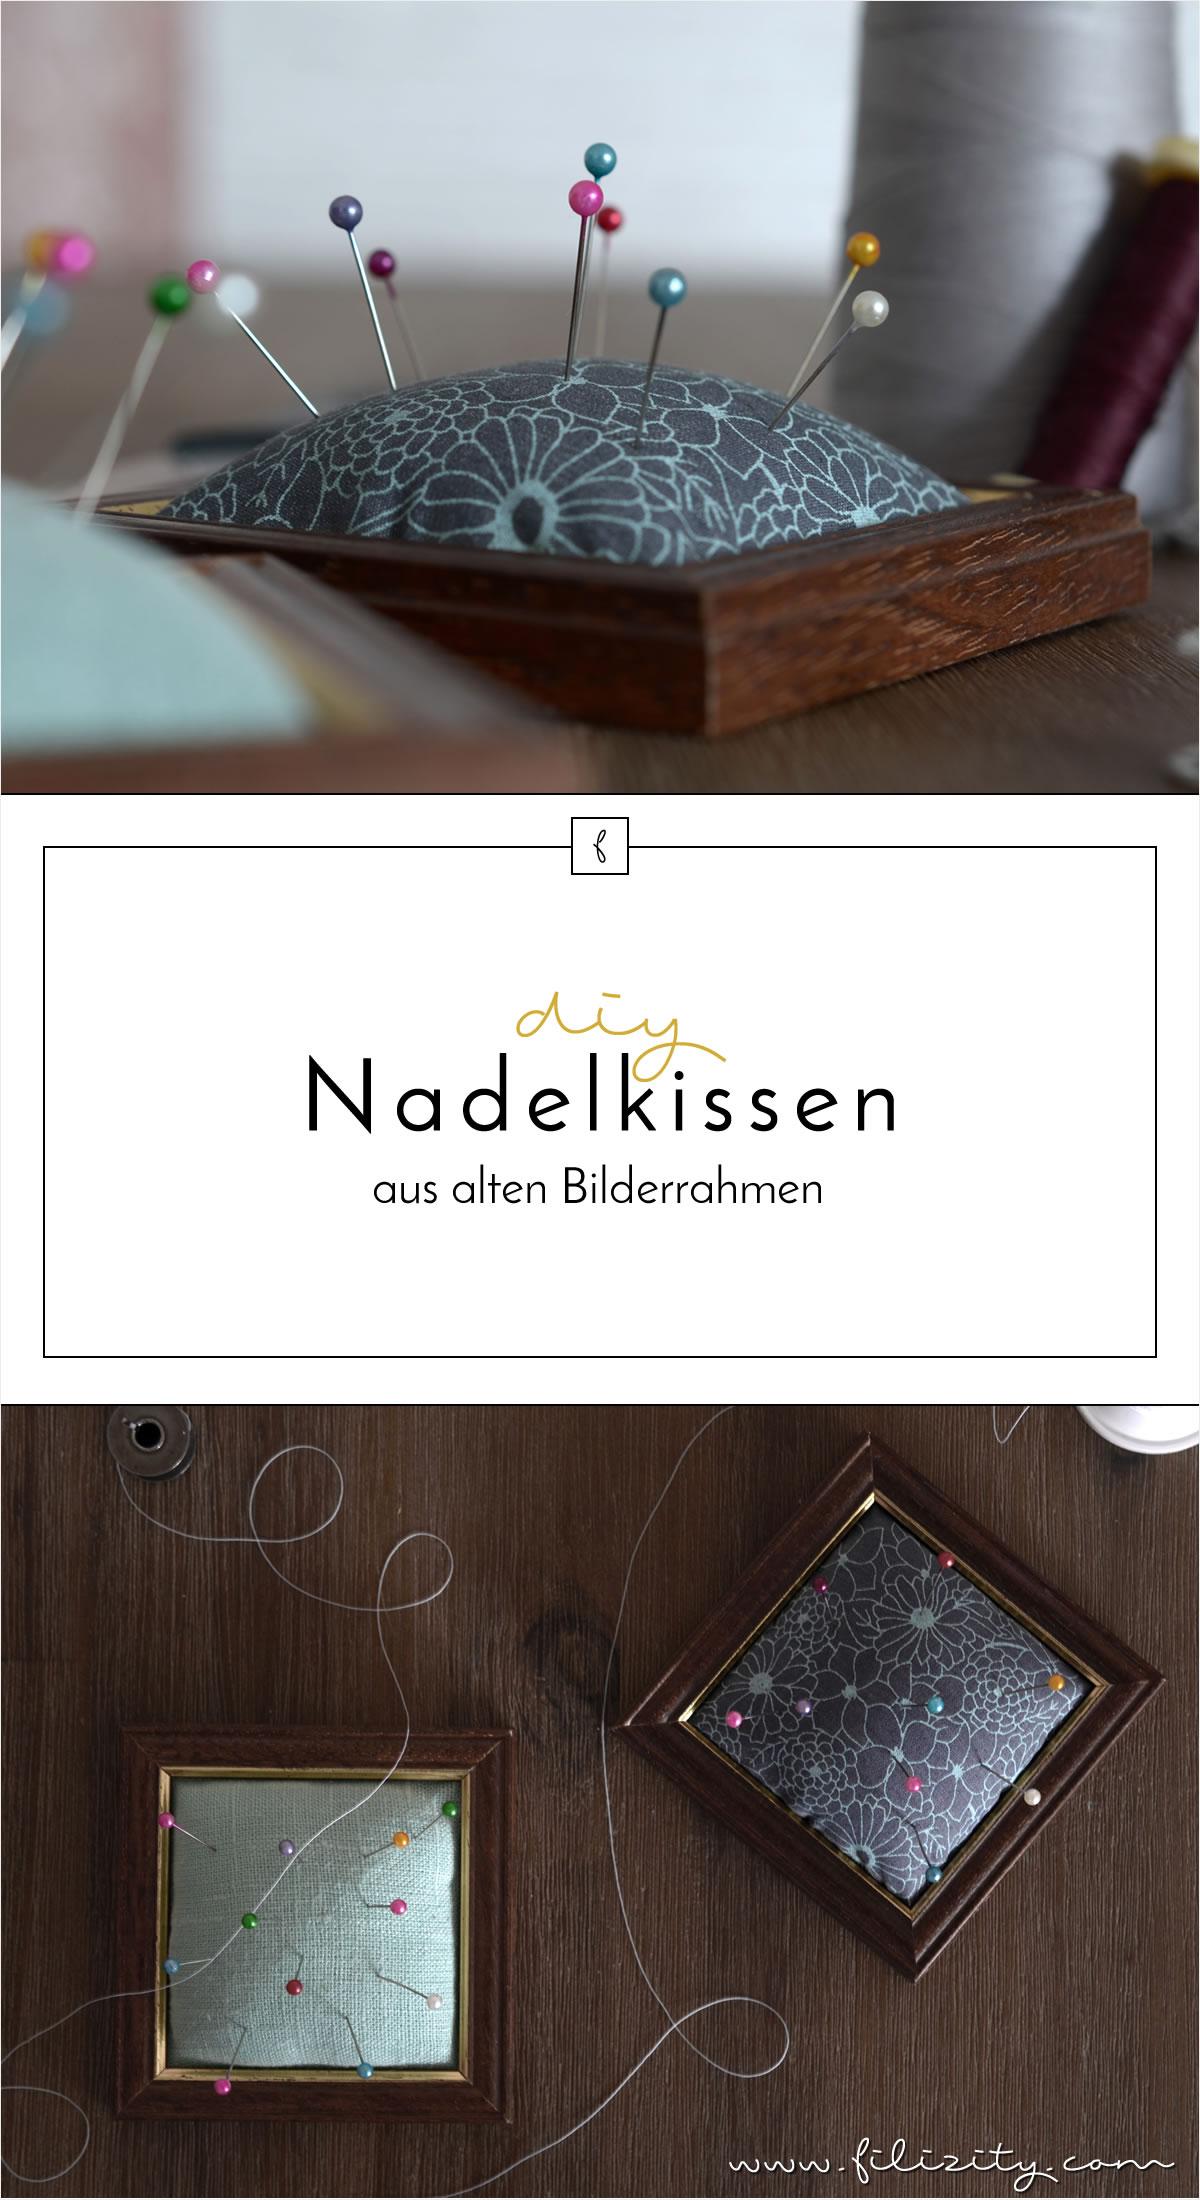 diy_deko_nadelkissen_bilderrahmen_pin-min